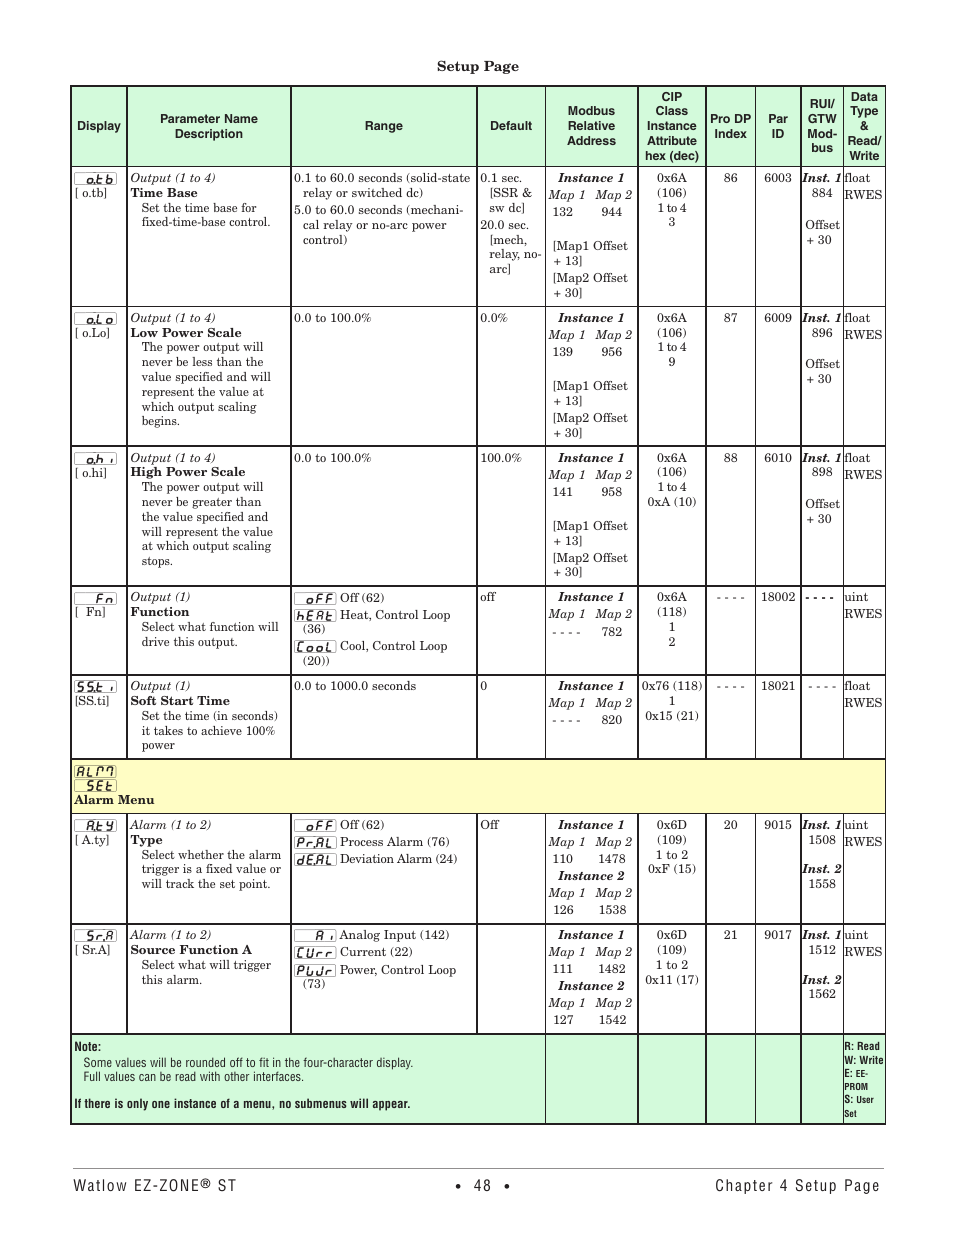 alarm menu watlow ez zone st user manual page 50 97 original EZ Wiring Harness Diagram alarm menu watlow ez zone st user manual page 50 97